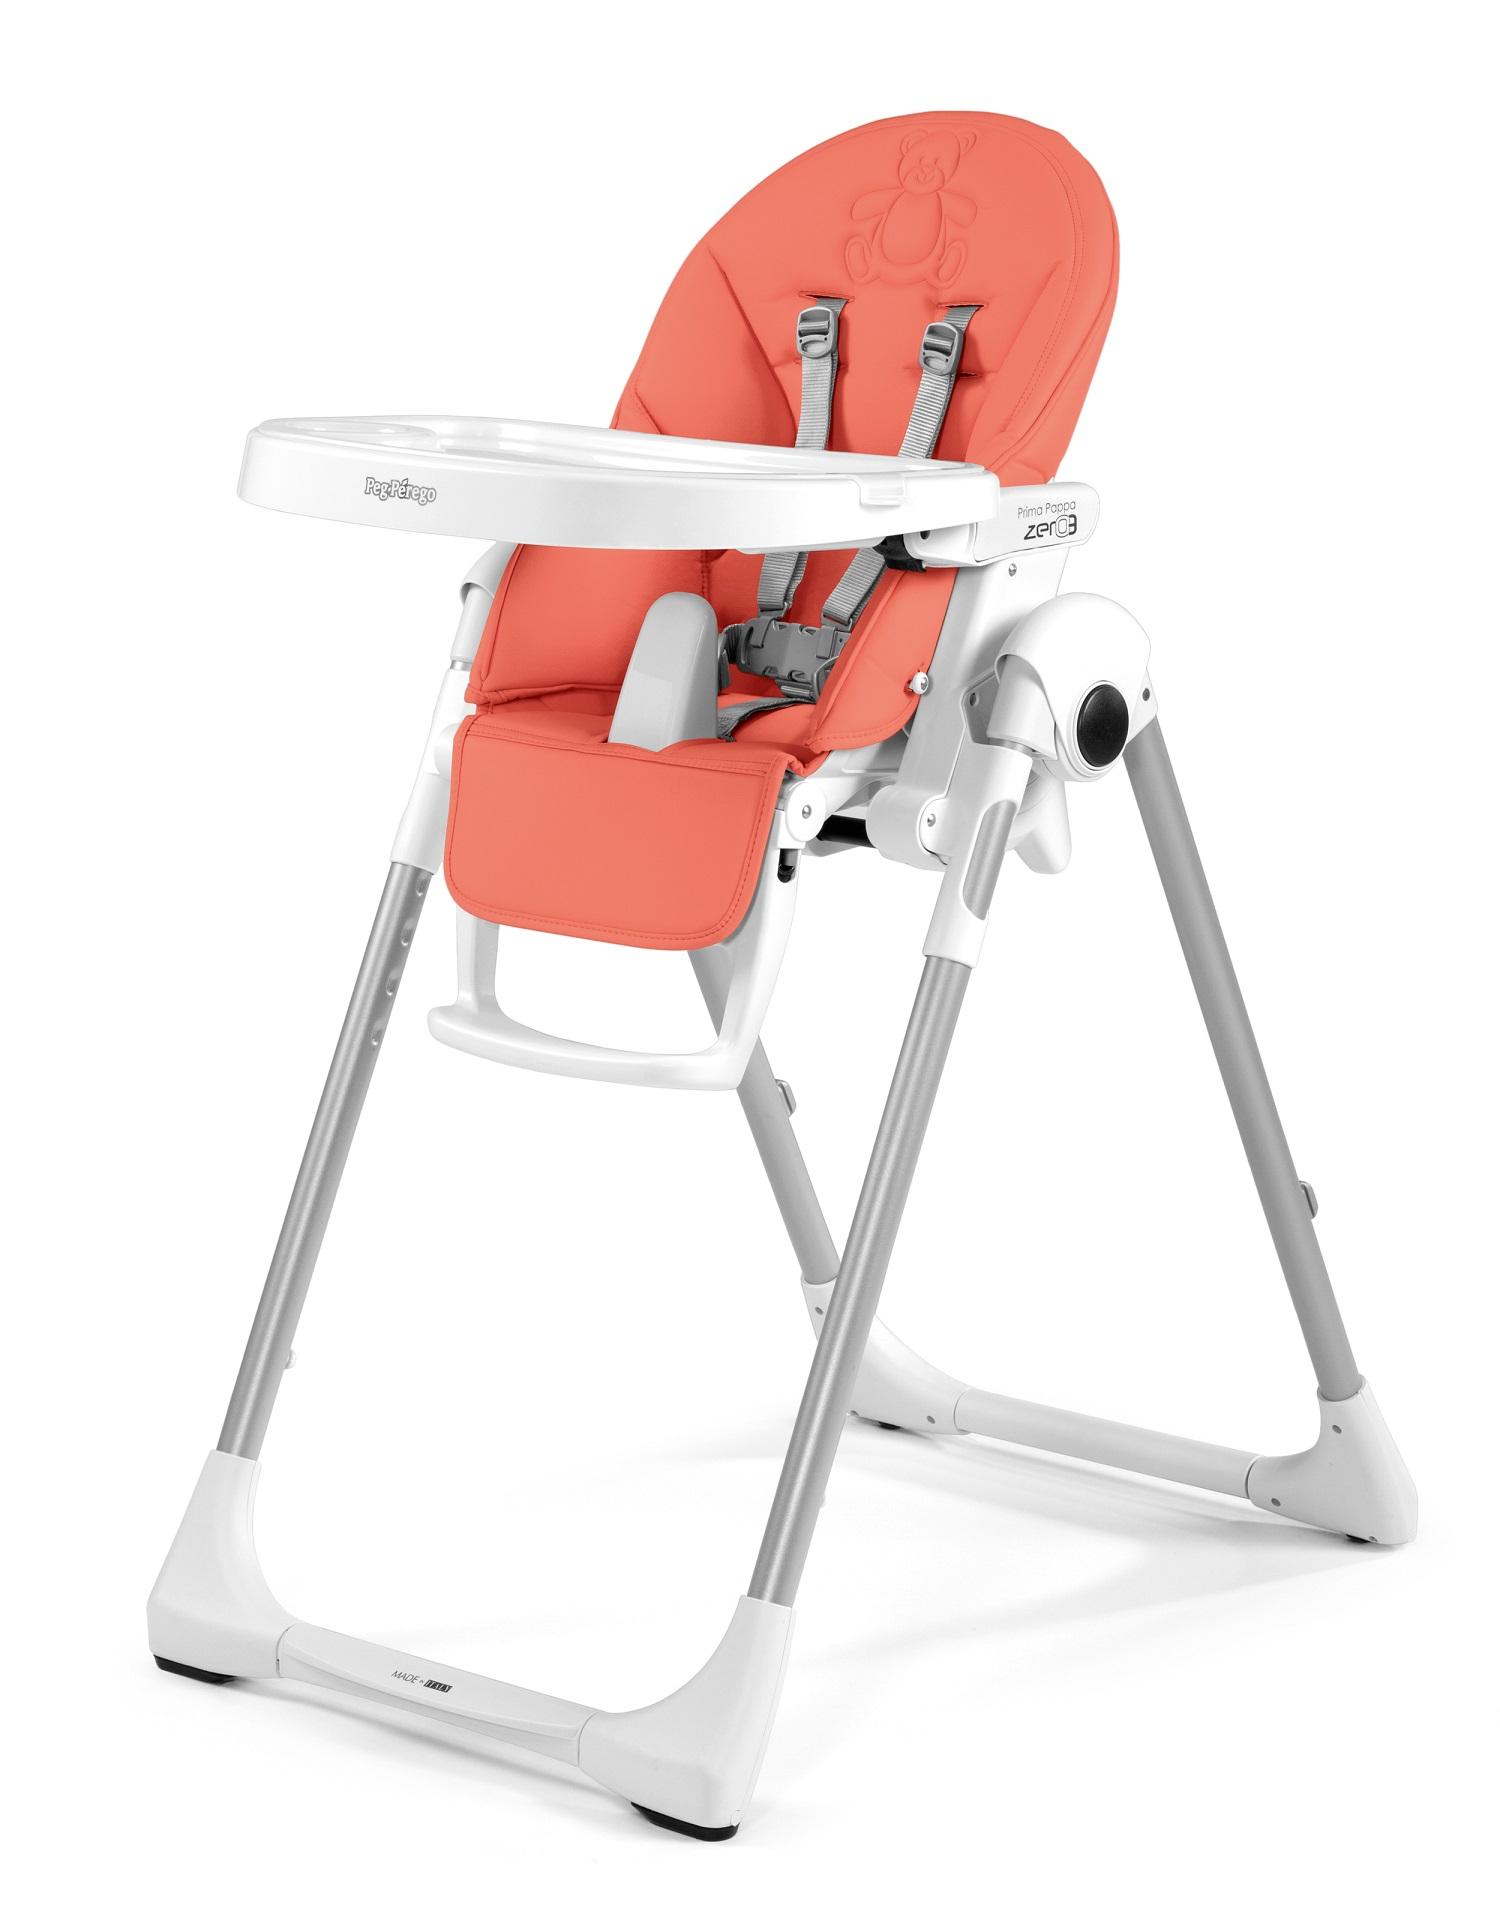 Peg perego chaise haute prima pappa zero3 2018 bear coral - Chaise haute peg perego prima pappa zero 3 ...